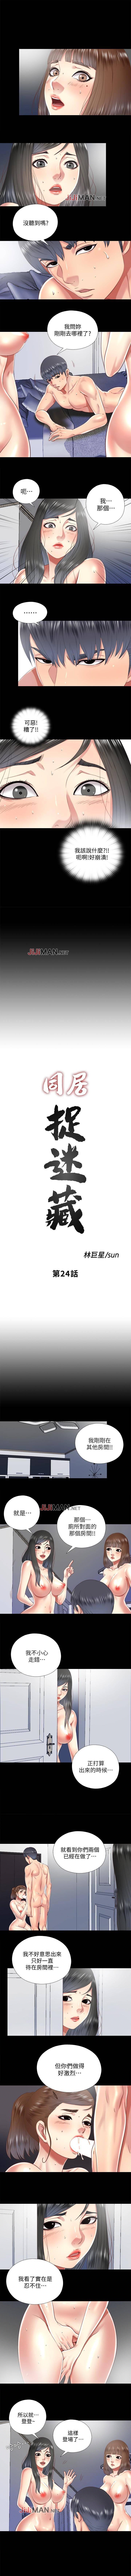 【已完结】同居捉迷藏(作者:林巨星) 第1~30话 95